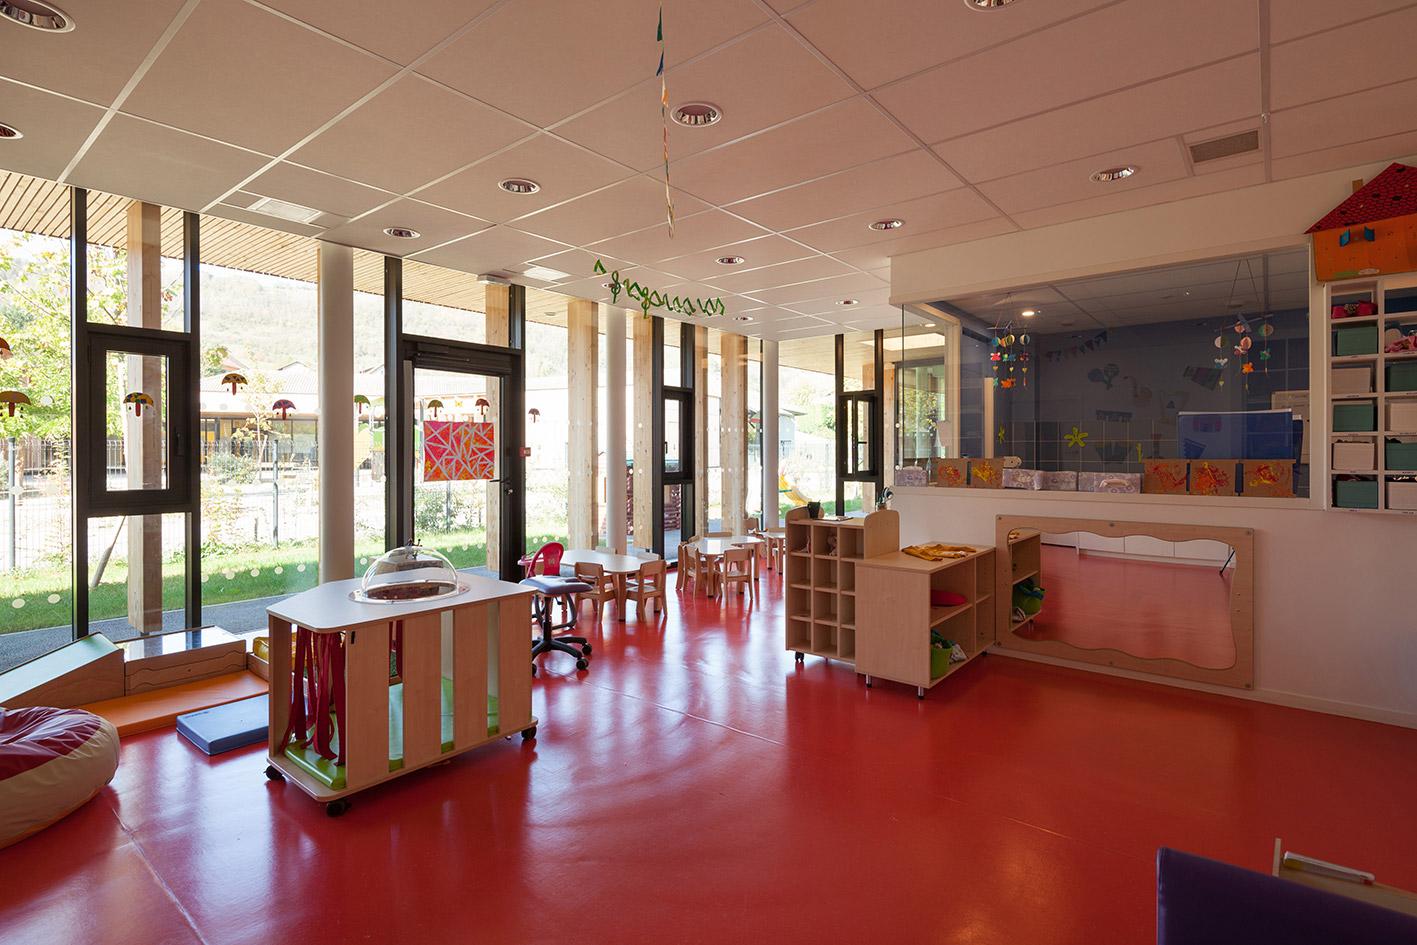 jerome-ricolleau-photographe-architecture-lyon-Composite-grenoble-vaulnaveys-le-haut-restructuration-extension-ecole-jules-bruant-maternelle-elementaire-periscolaire-multiaccueil-5